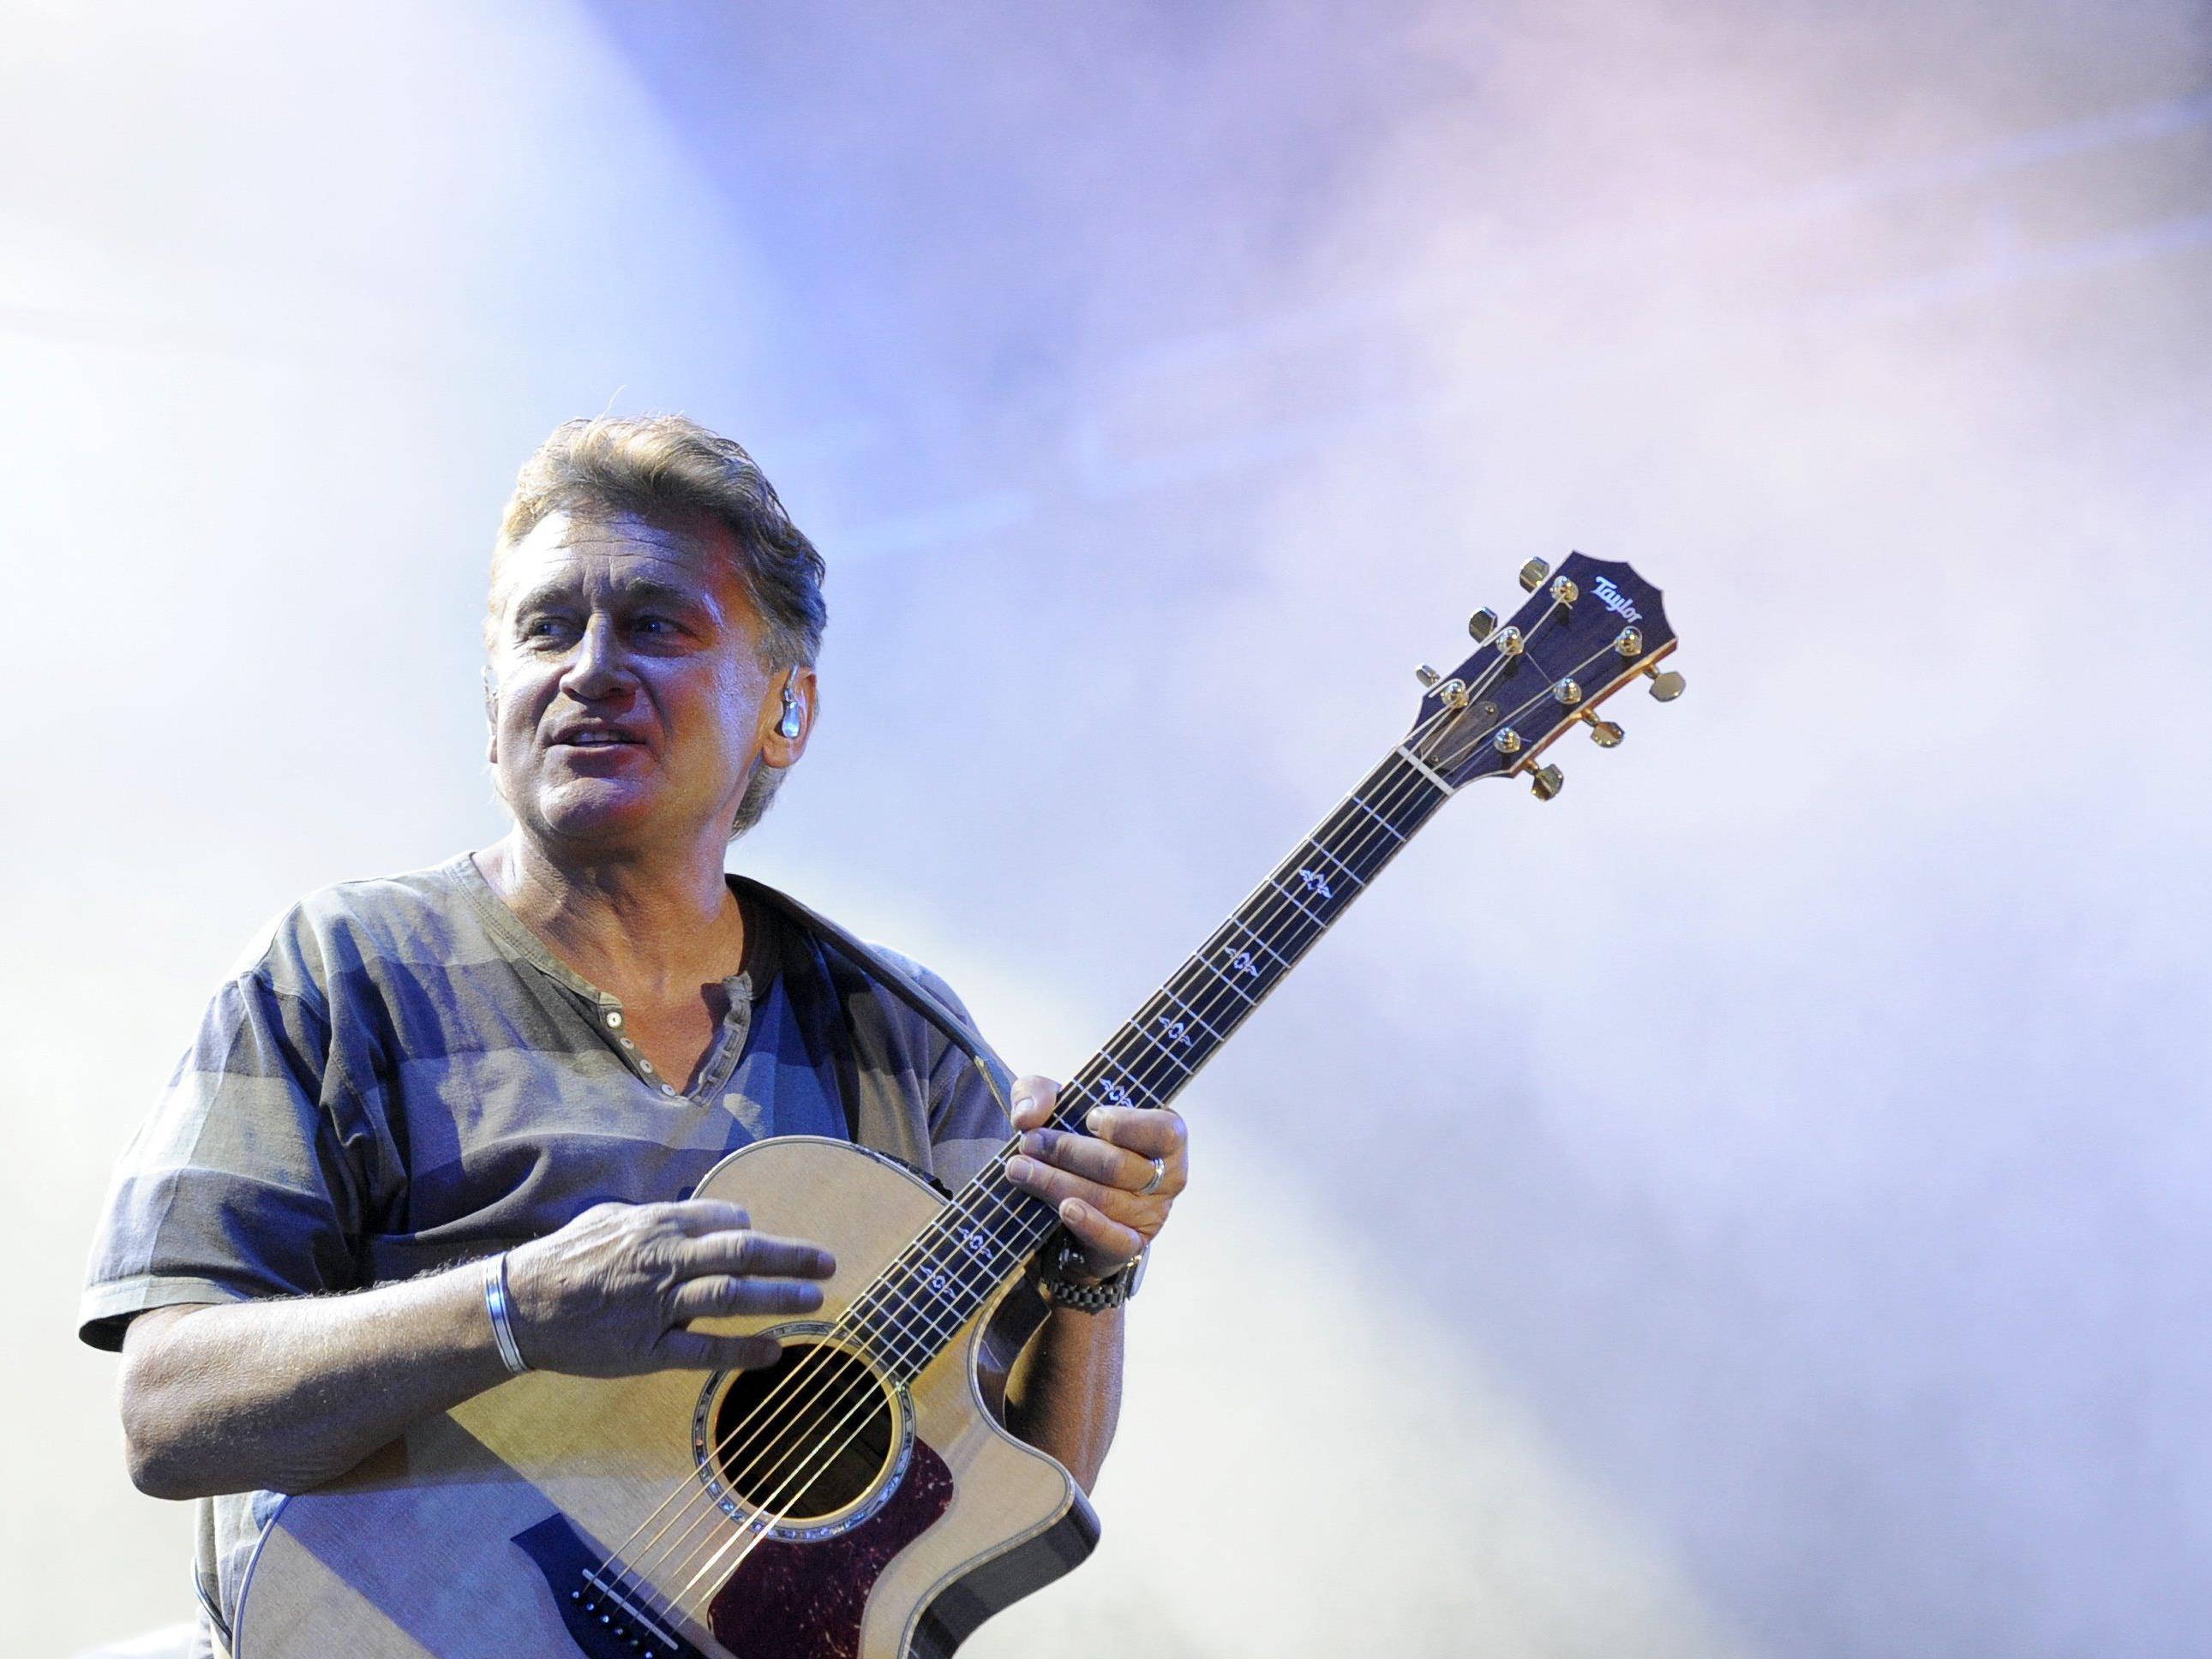 Fendrich kündigte sein neues Album für Anfang November an - pünktlich zu seinem 60. Geburtstag